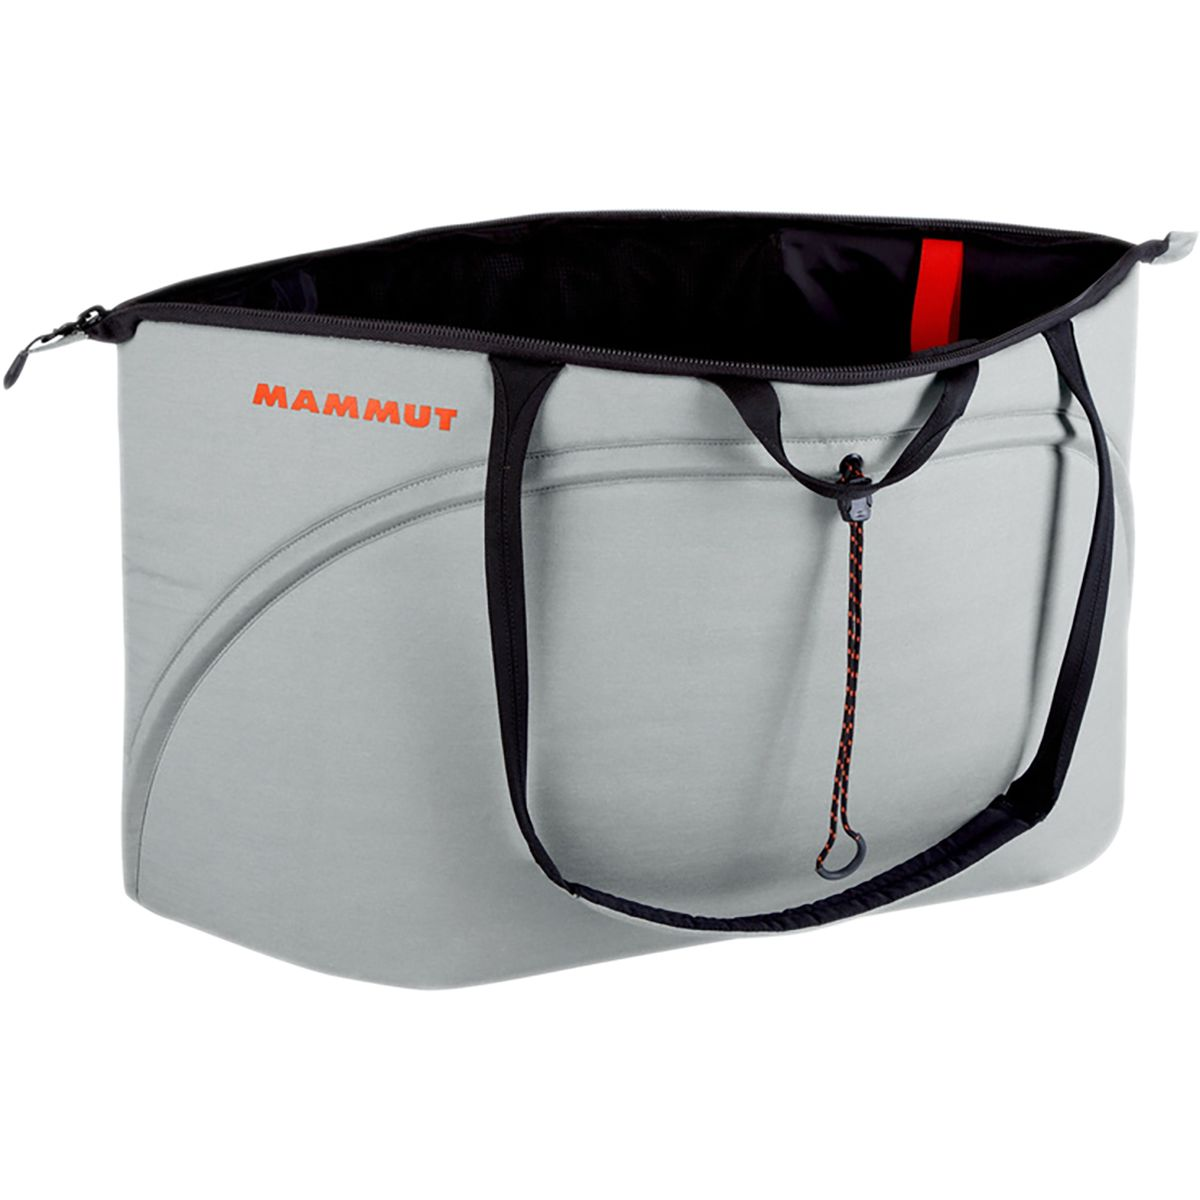 photo: Mammut Magic Rope Bag rope bag